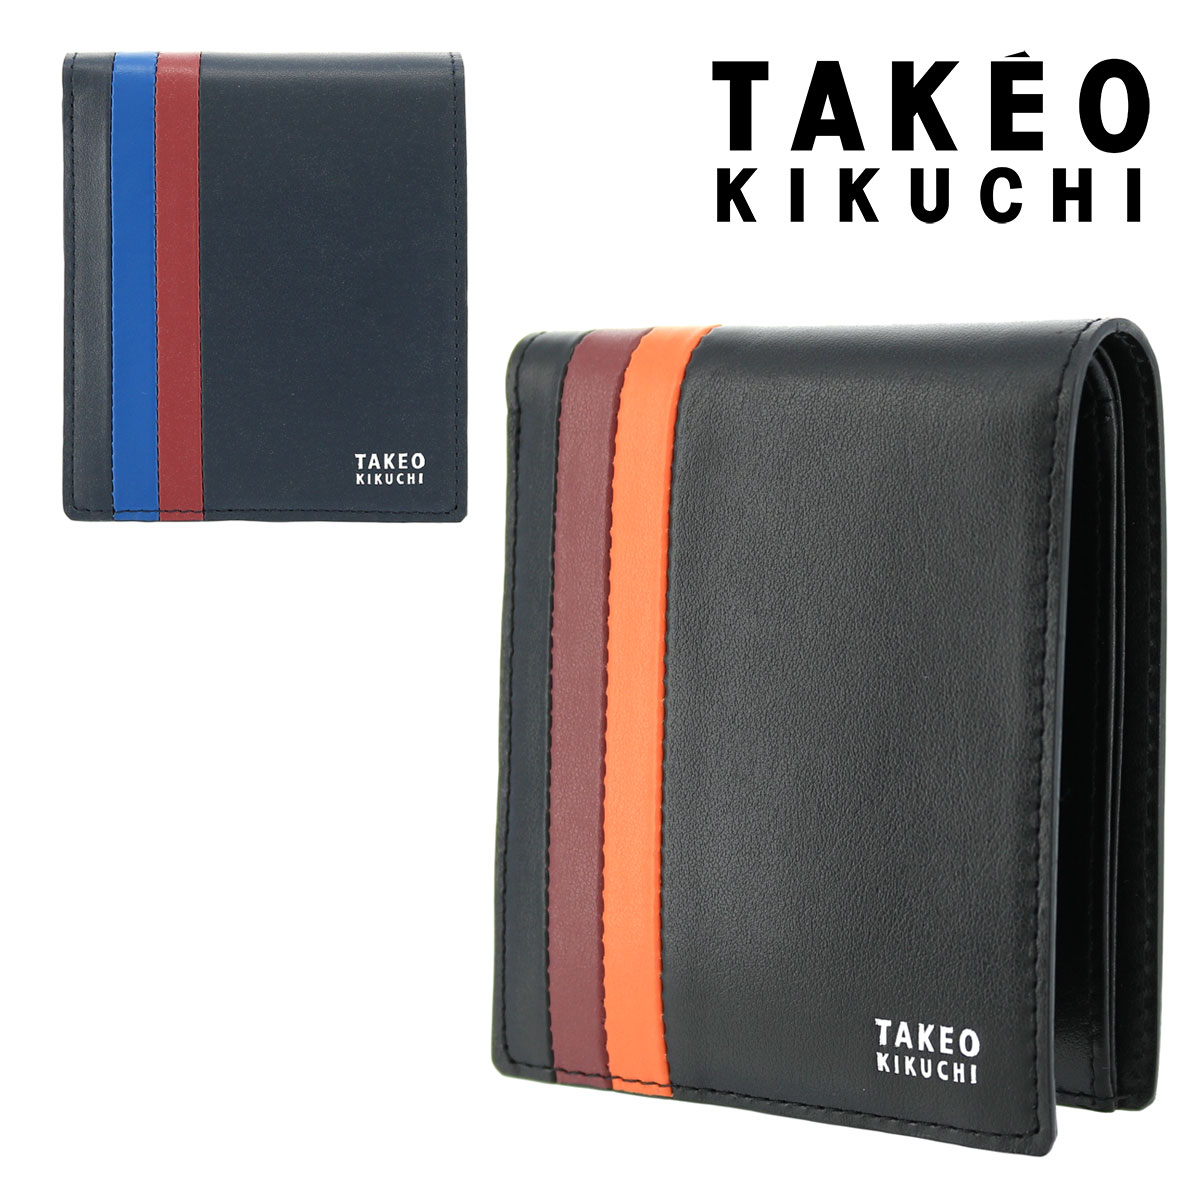 タケオキクチ 二つ折り財布 スクールストライプ メンズ tk7120118 TAKEO KIKUCHI | 牛革 本革 イタリアンレザー ブランド専用BOX付き[bef][即日発送]